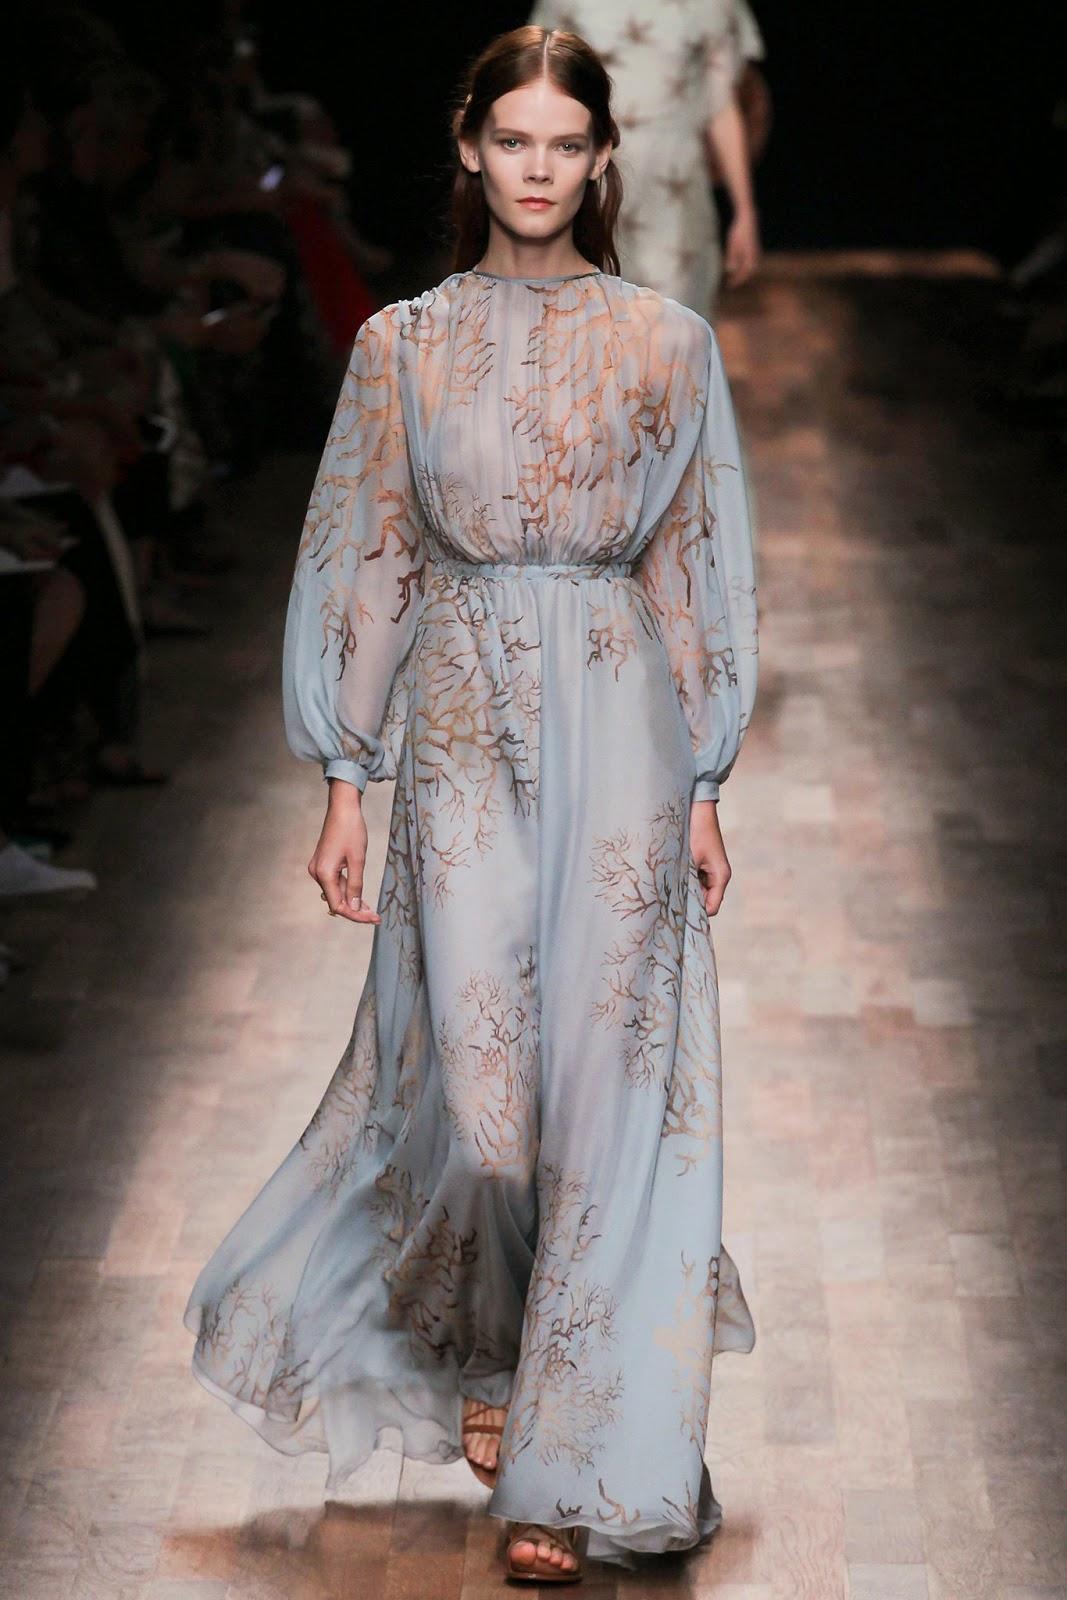 valentino 2015 summer 2016 trend women dress87 Valentino 2015 samling, våren sommaren 2016 Valentino klänning modeller, Valentino kväll klänning nya säsongen kvinnors kjolar modeller